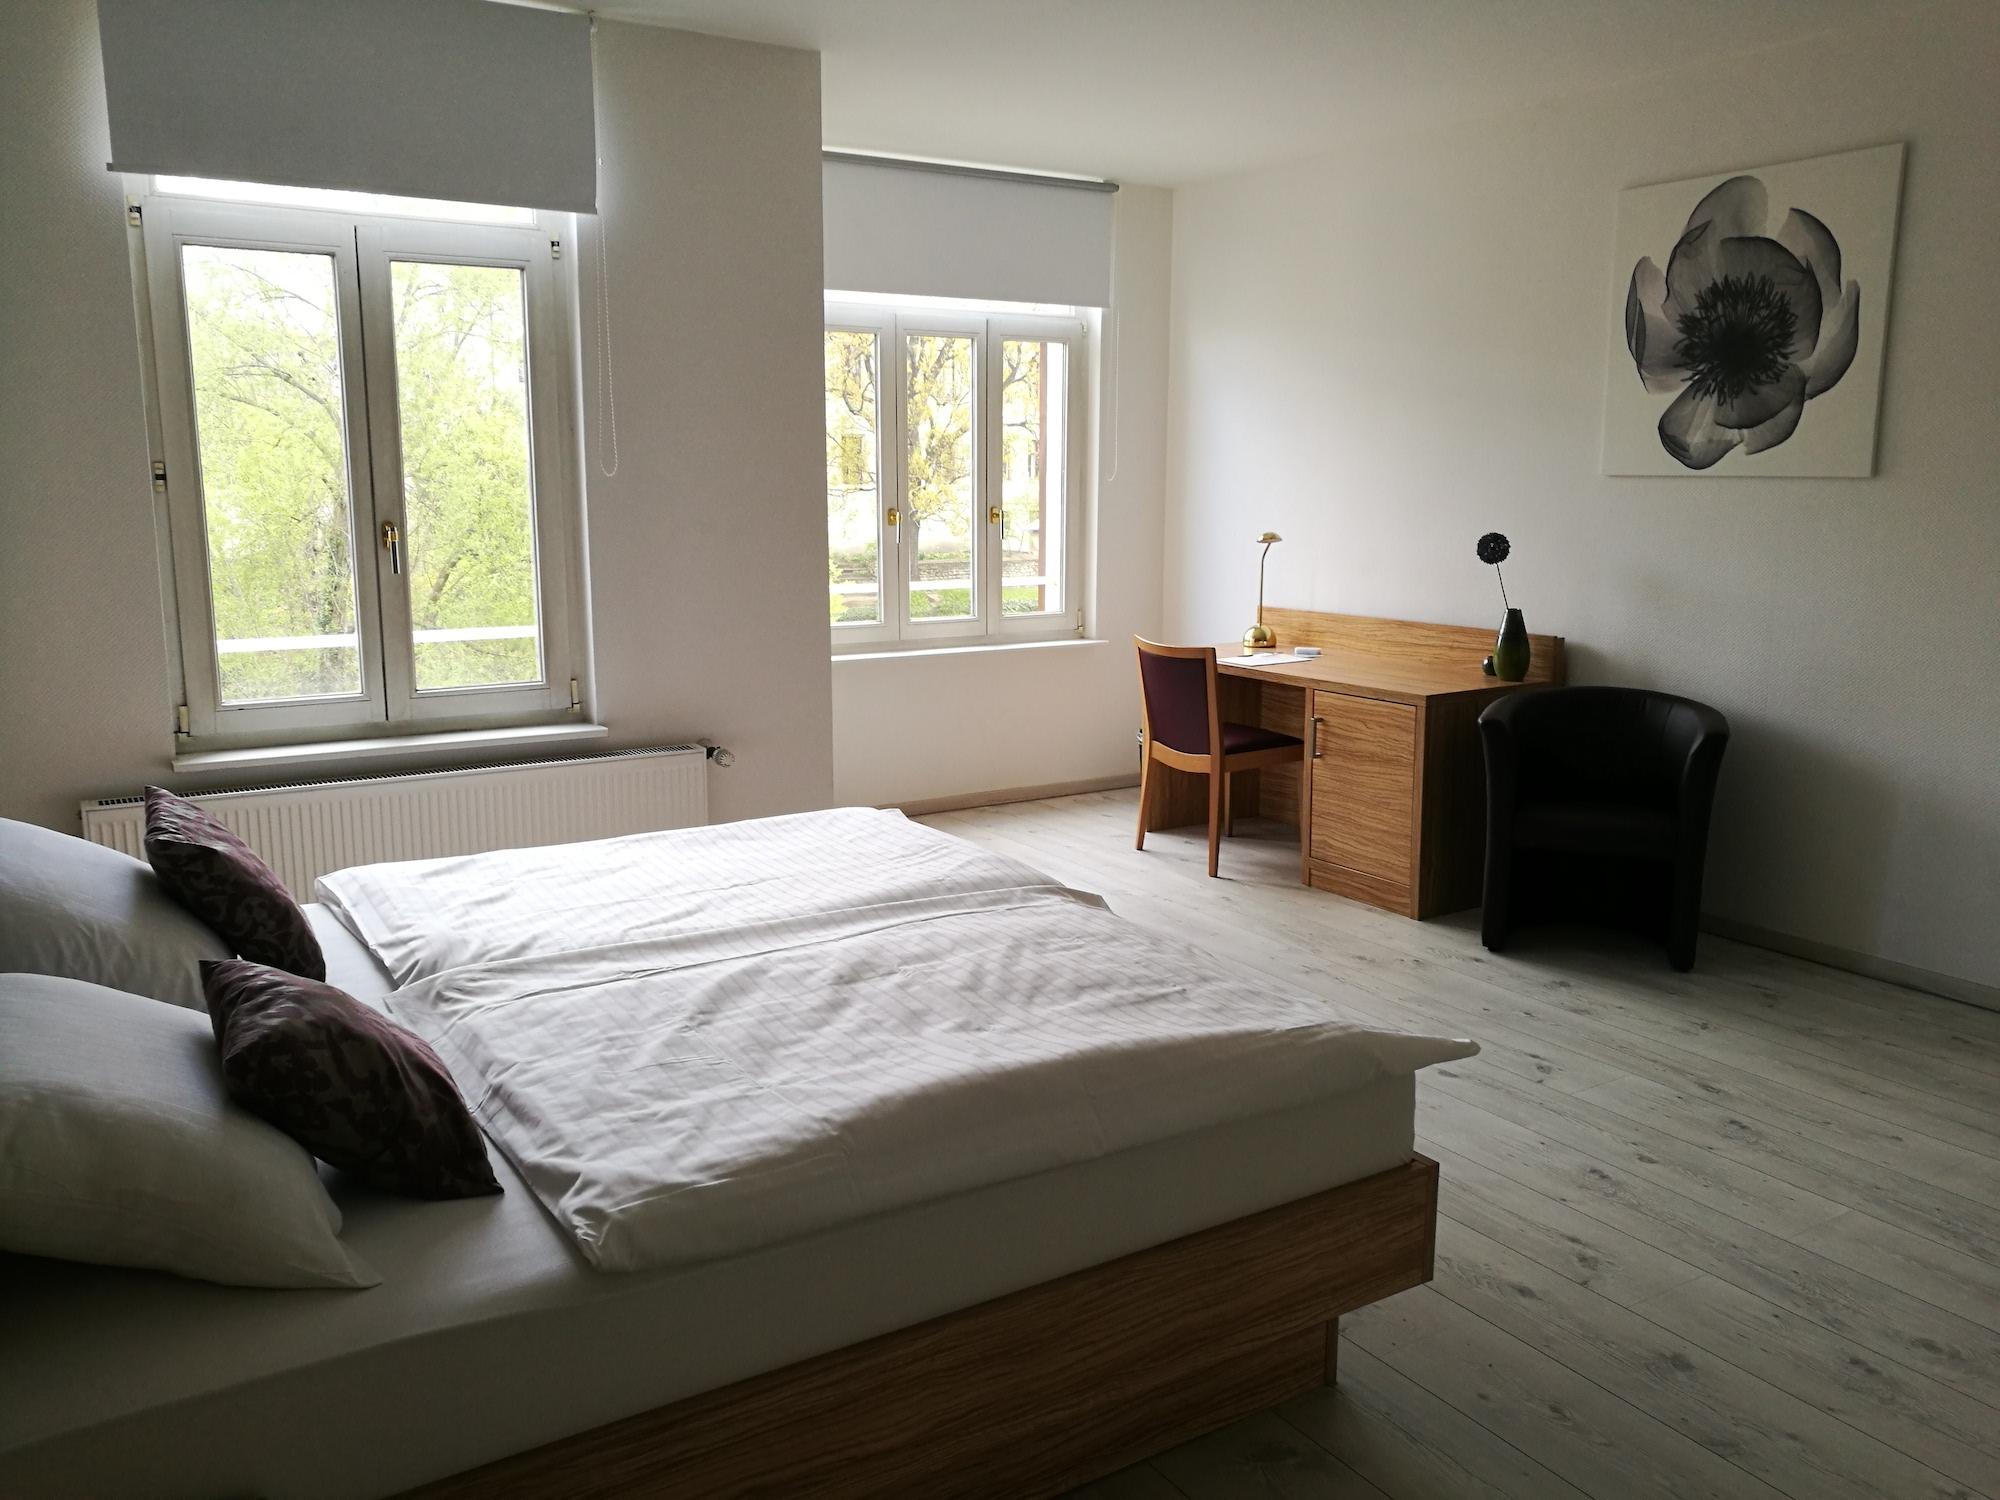 Hotel Halle Appartementhaus Zimmer 1.jpg